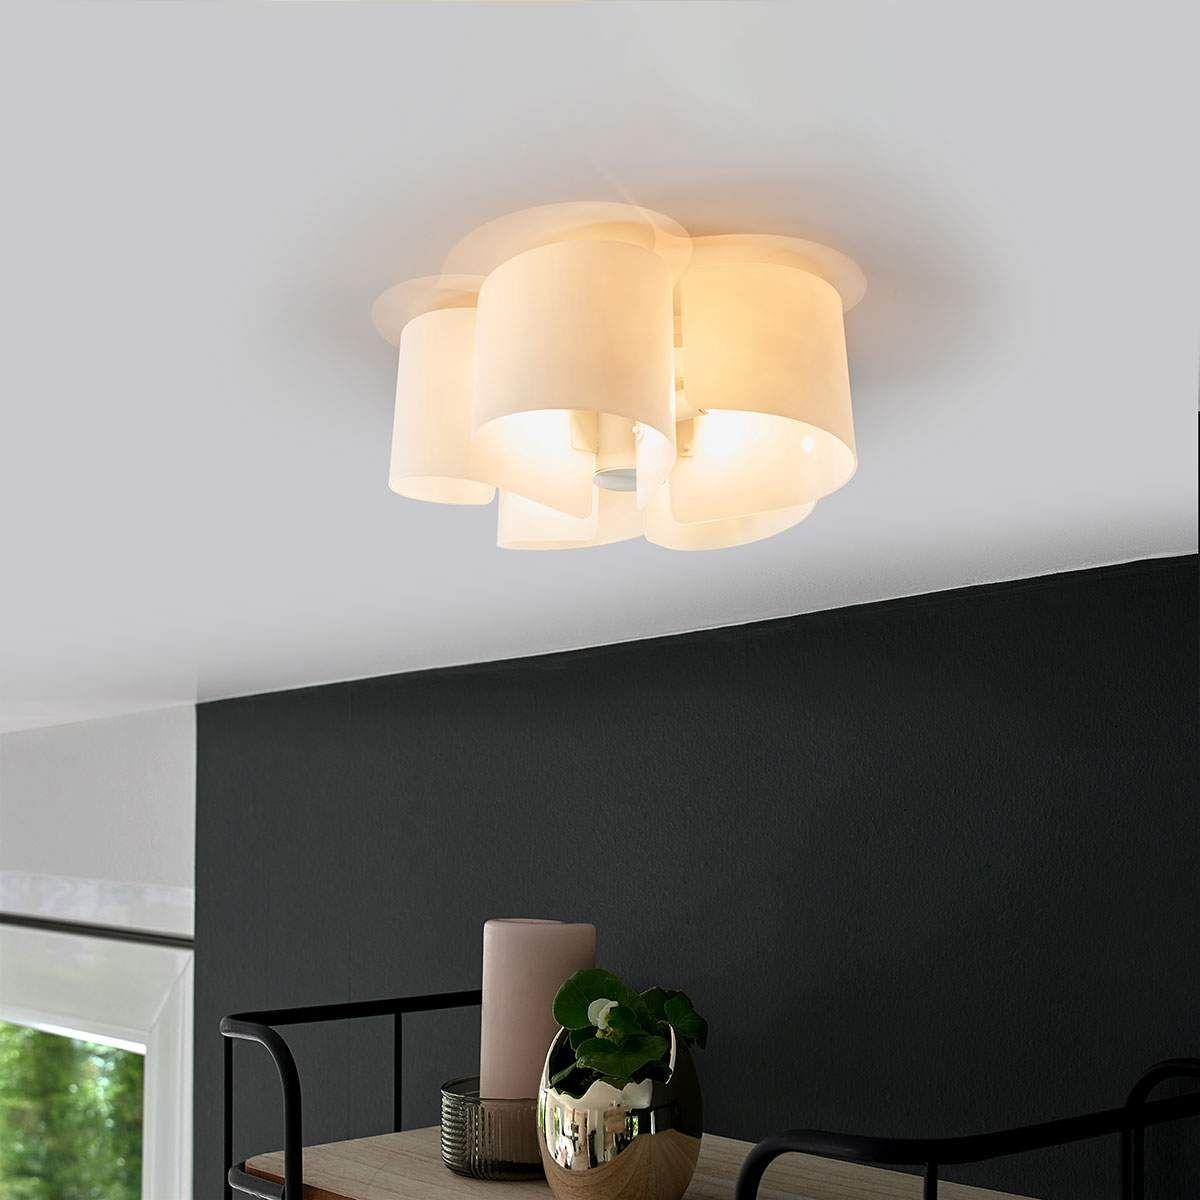 Full Size of Wohnzimmer Deckenleuchte Led Deckenbeleuchtung Stoff Rund Stehlampen Teppich Kamin Großes Bild Deckenlampen Für Deckenlampe Liege Beleuchtung Küche Wohnzimmer Wohnzimmer Deckenleuchte